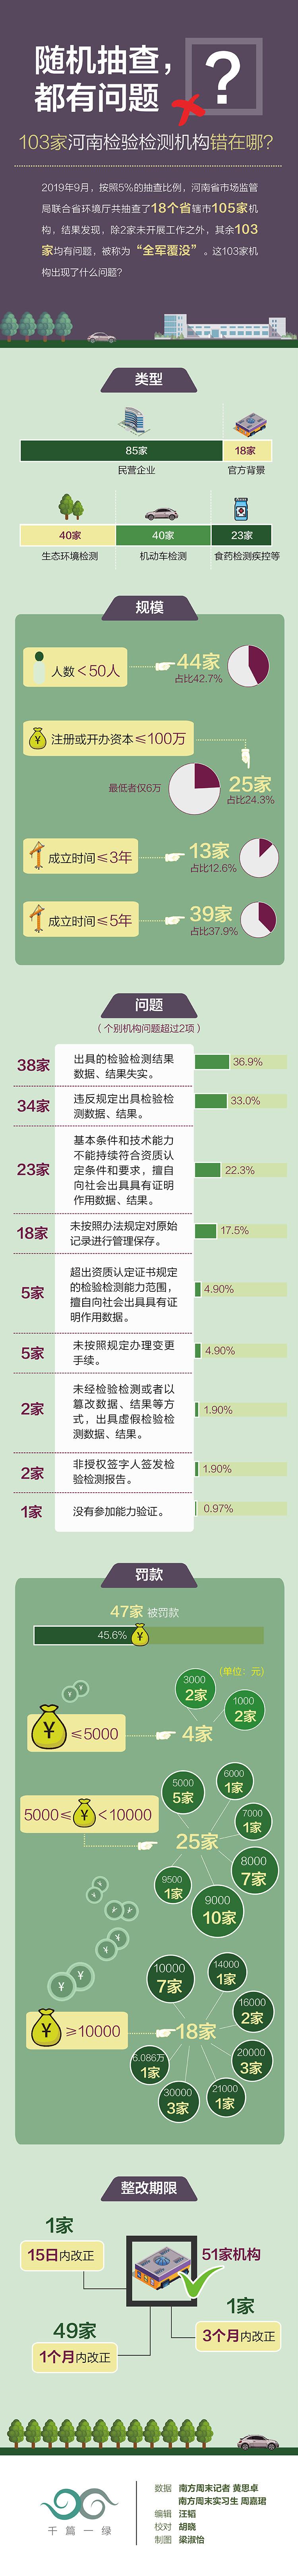 14 103 家河南检验检测机构错在哪.jpg